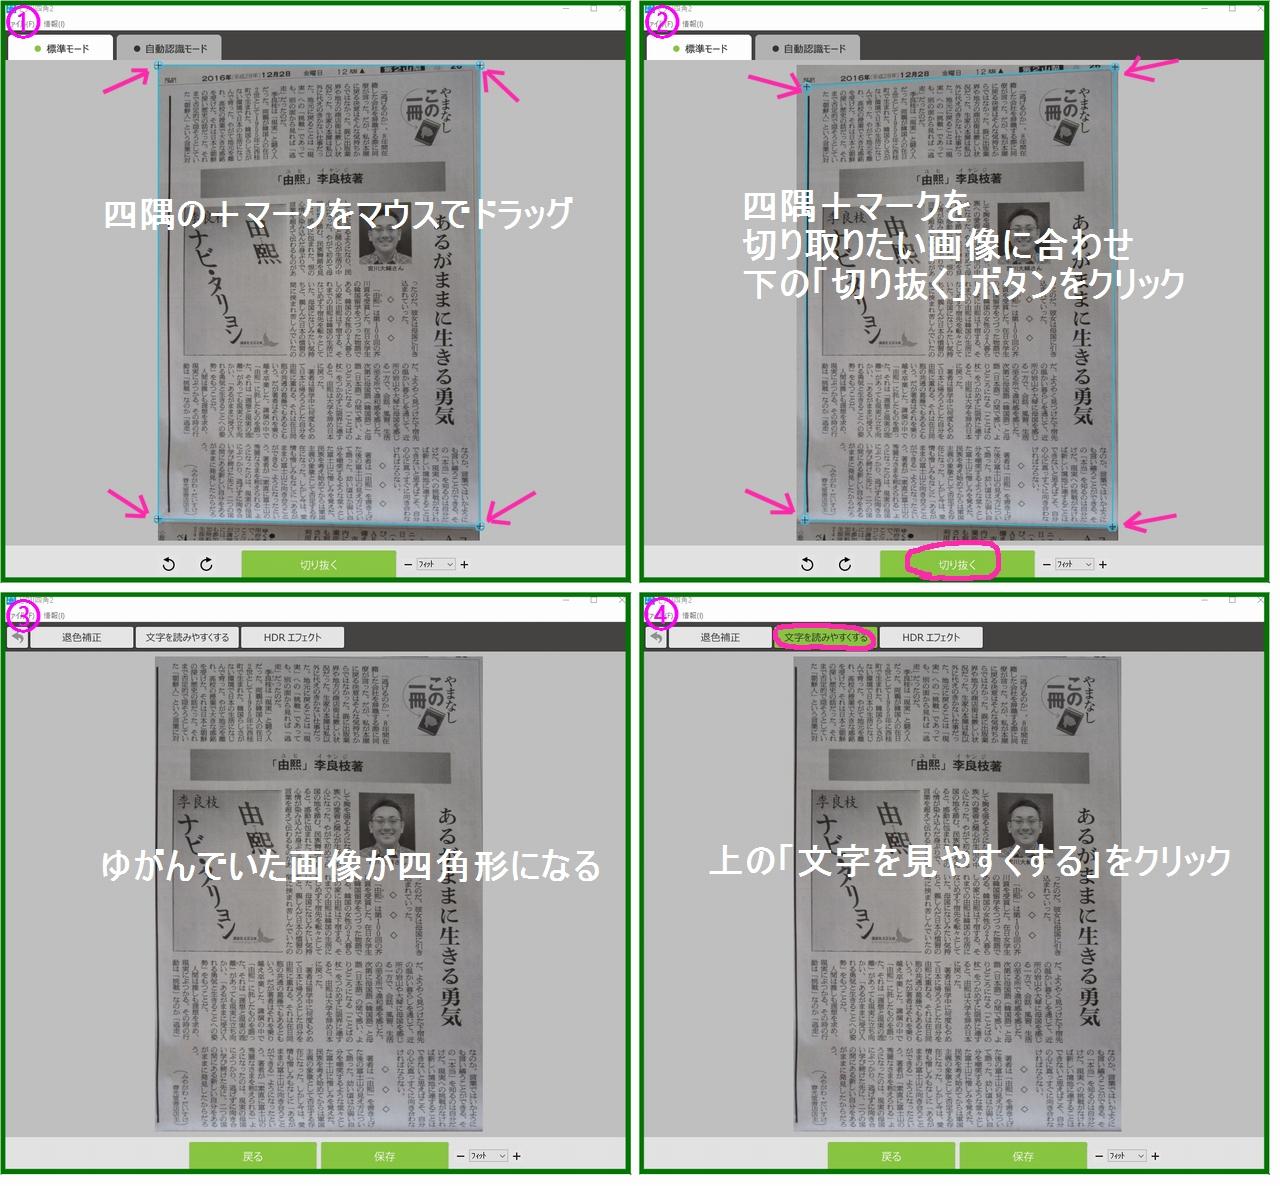 画像3(新聞接写画像の修正方法)